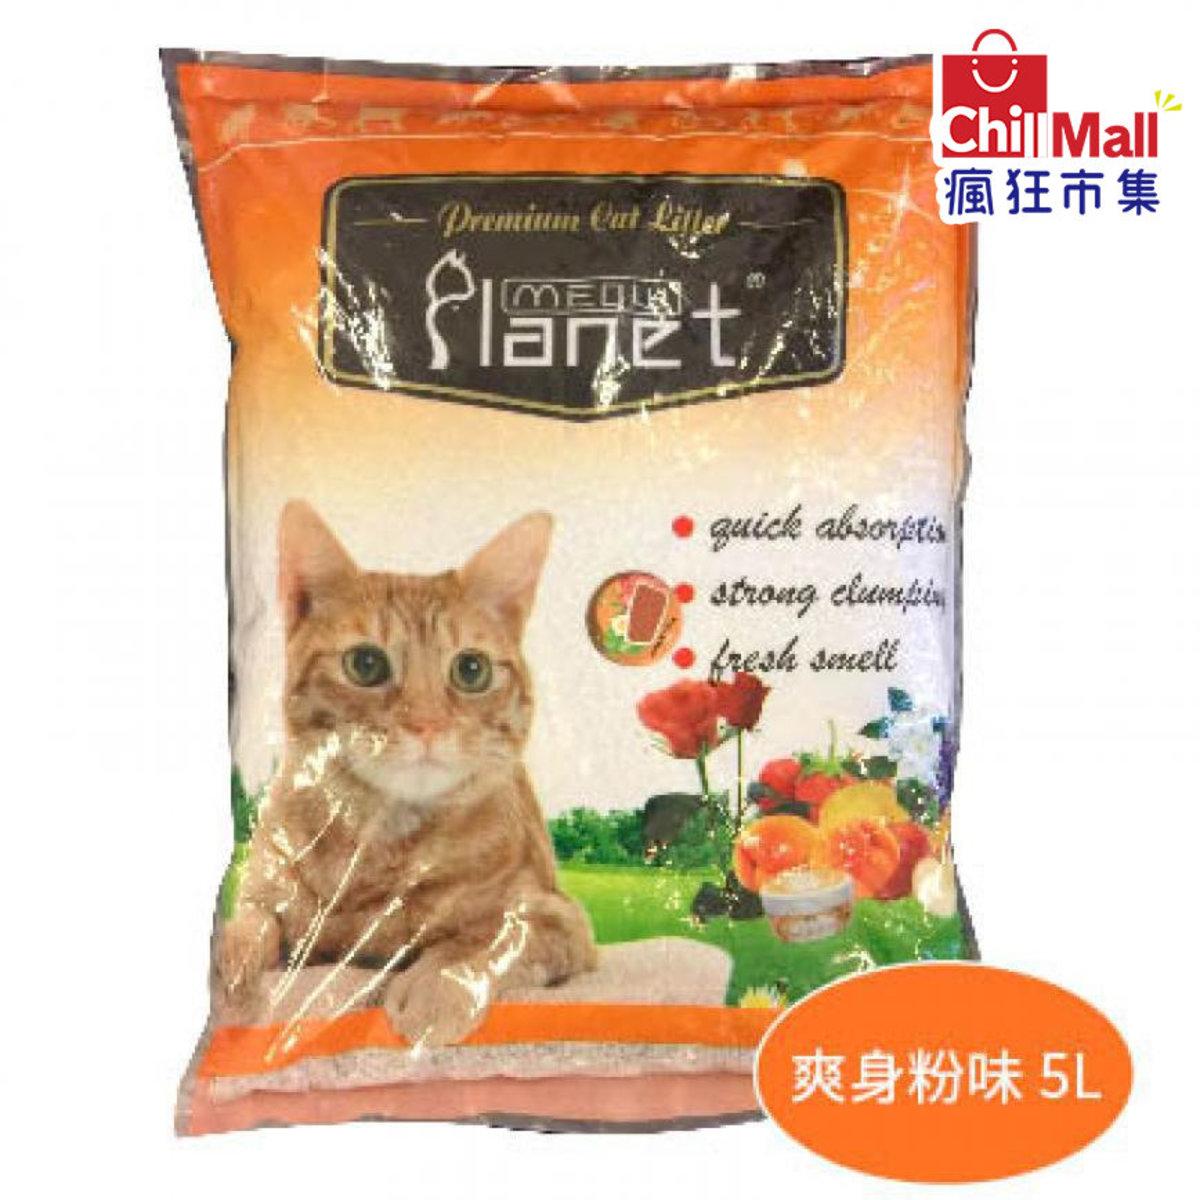 【礦物貓砂】貓咪星球膨潤土 高級凝結礦物貓砂 爽身粉味 5L